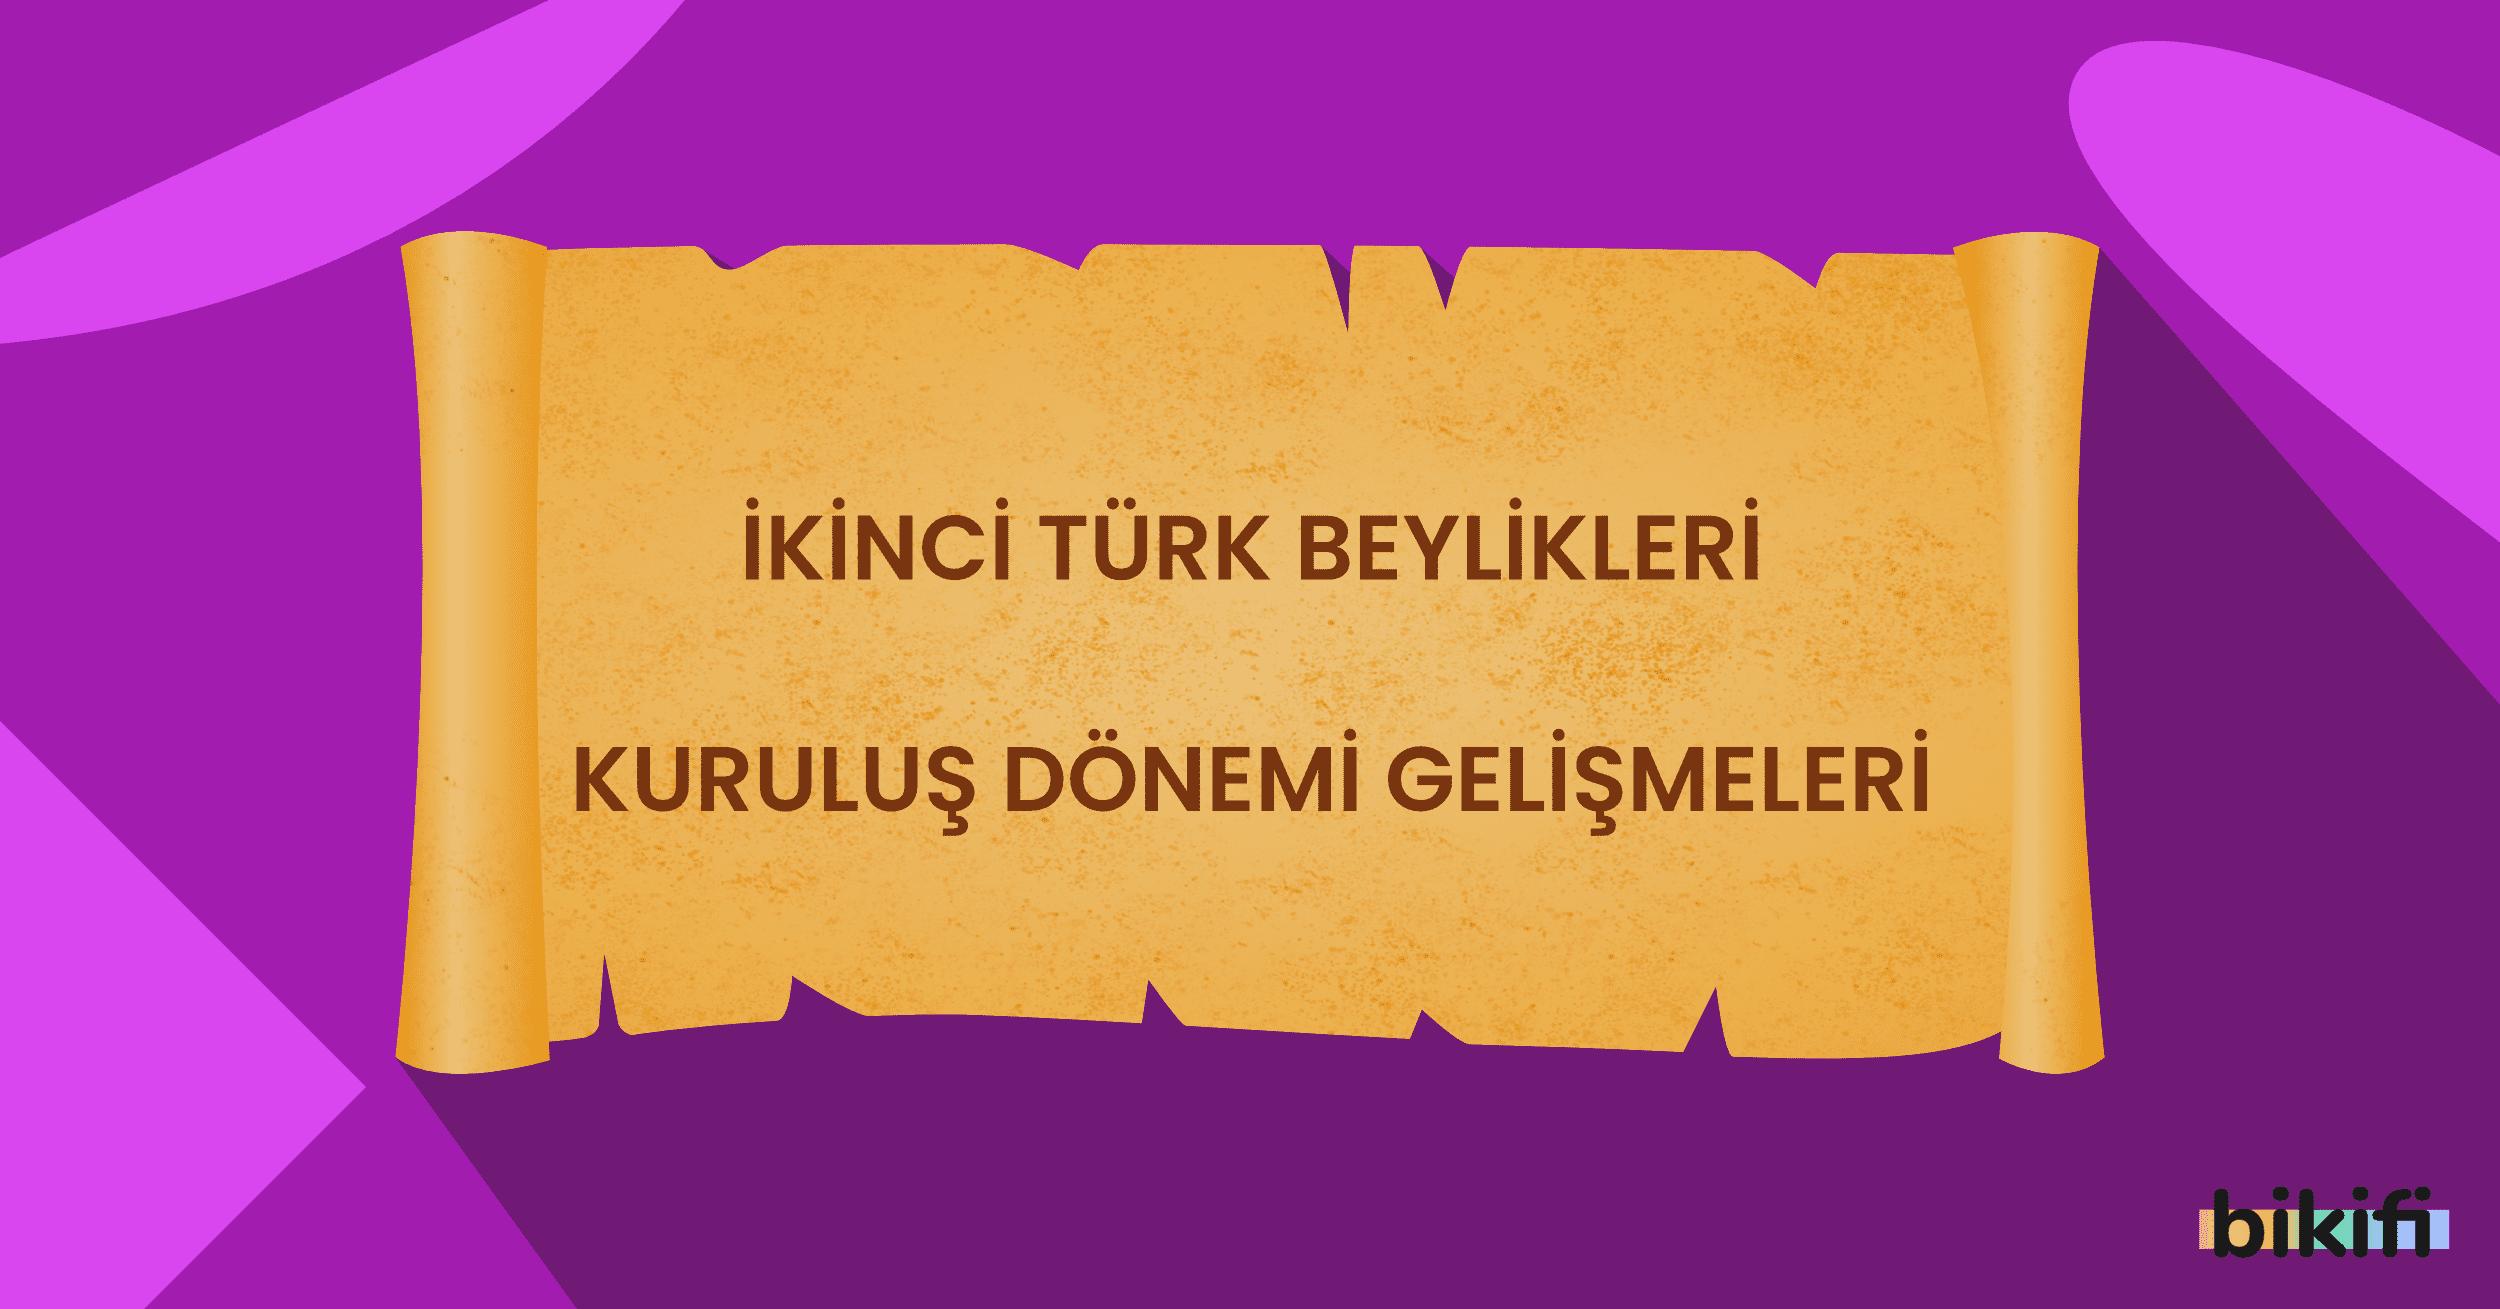 İkinci Türk Beylikleri Kuruluş Dönemi Gelişimleri